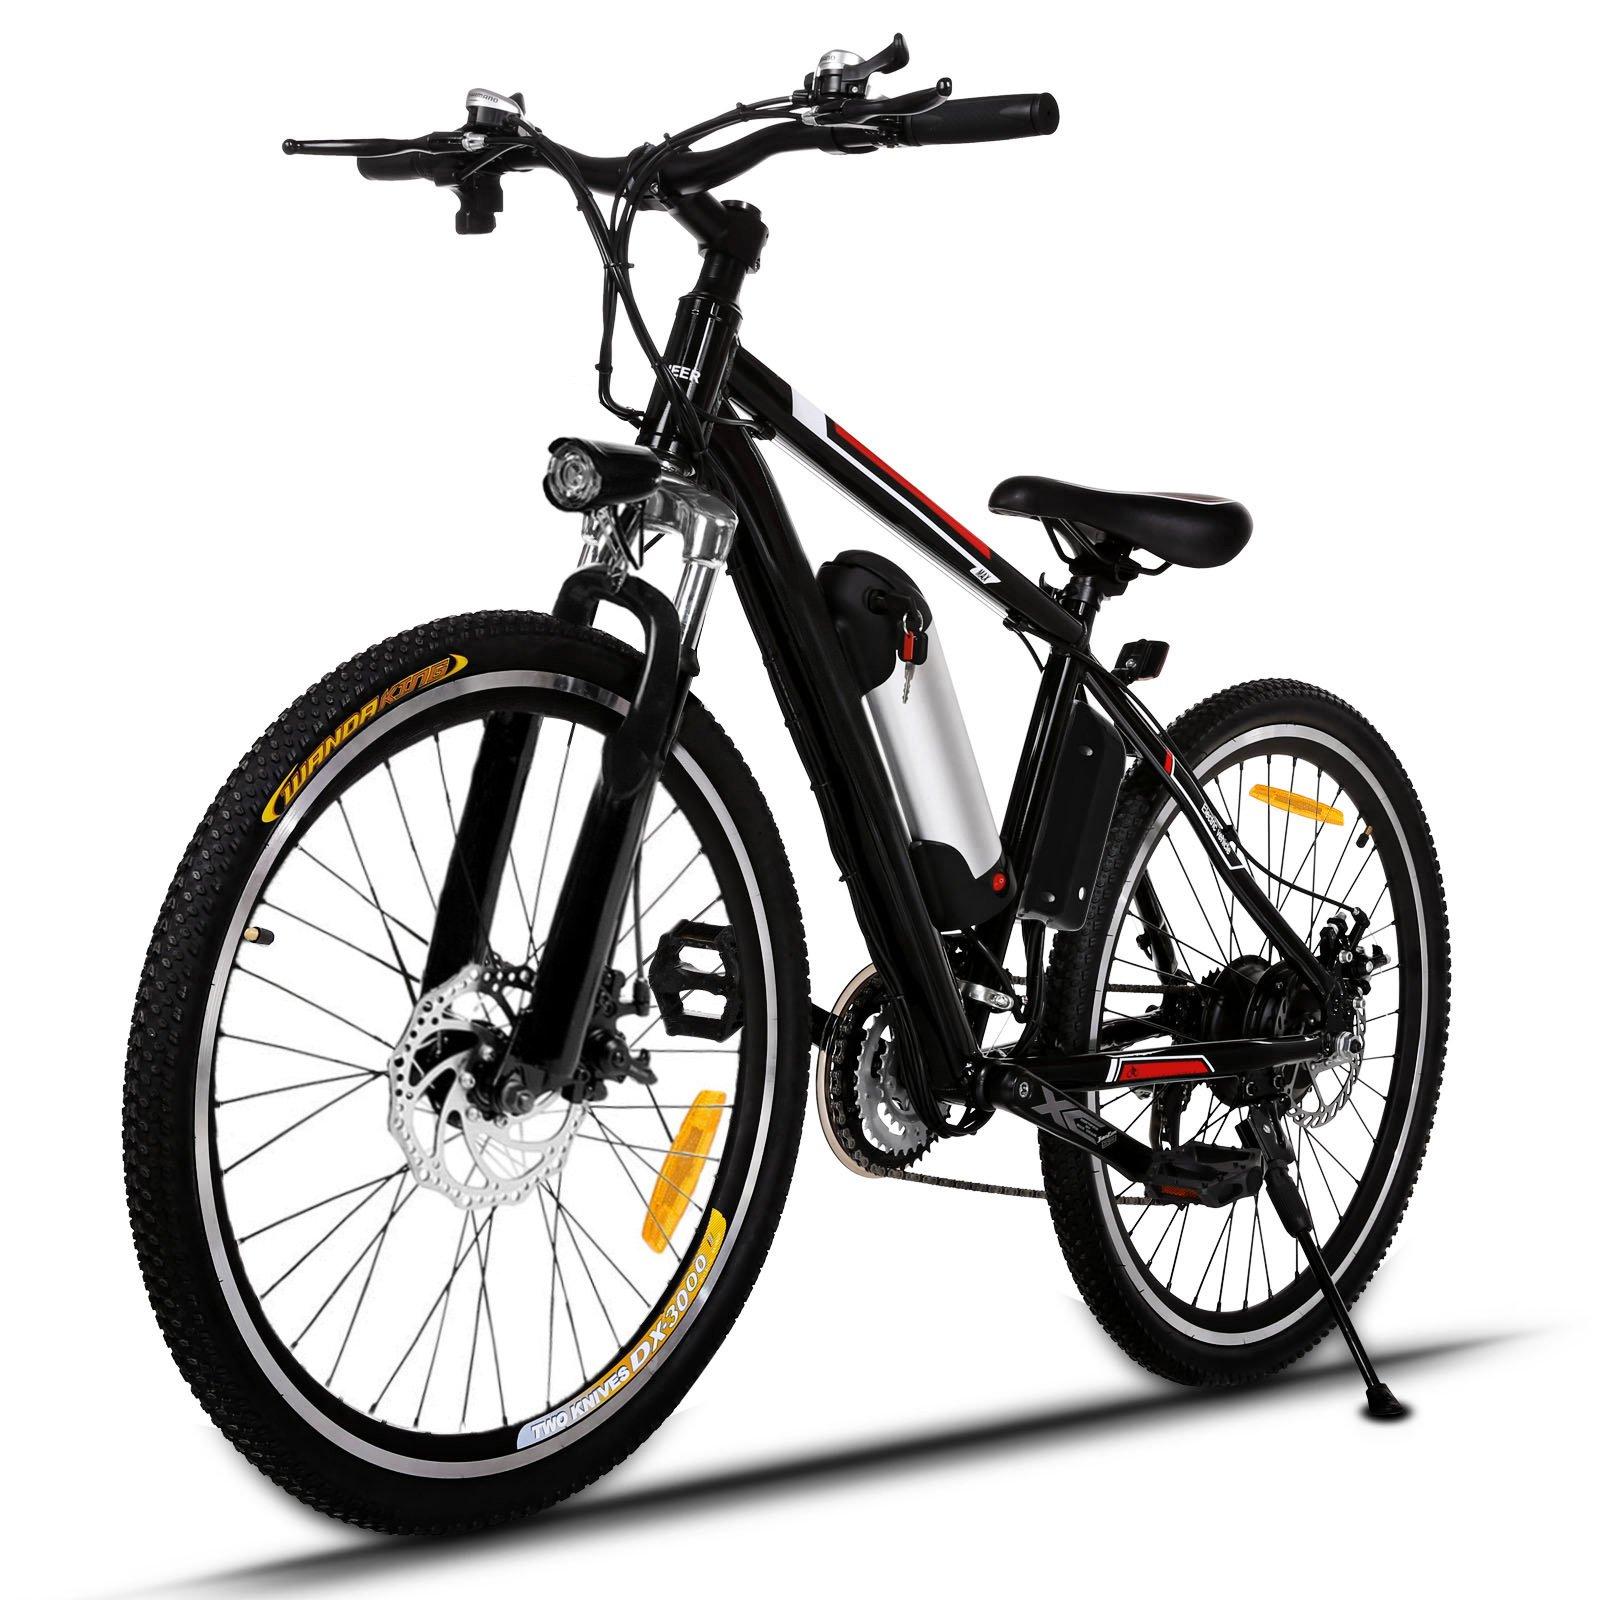 AIMADO VTT Électrique Tout-Terrain à 21 Vitesses, 26in E-Bike avec Lithium-ION Batterie Amovible 36V 250W et Phare à LED - Vitesse 30 km/h – Autonomie de 45-55 km (EU Stock) product image